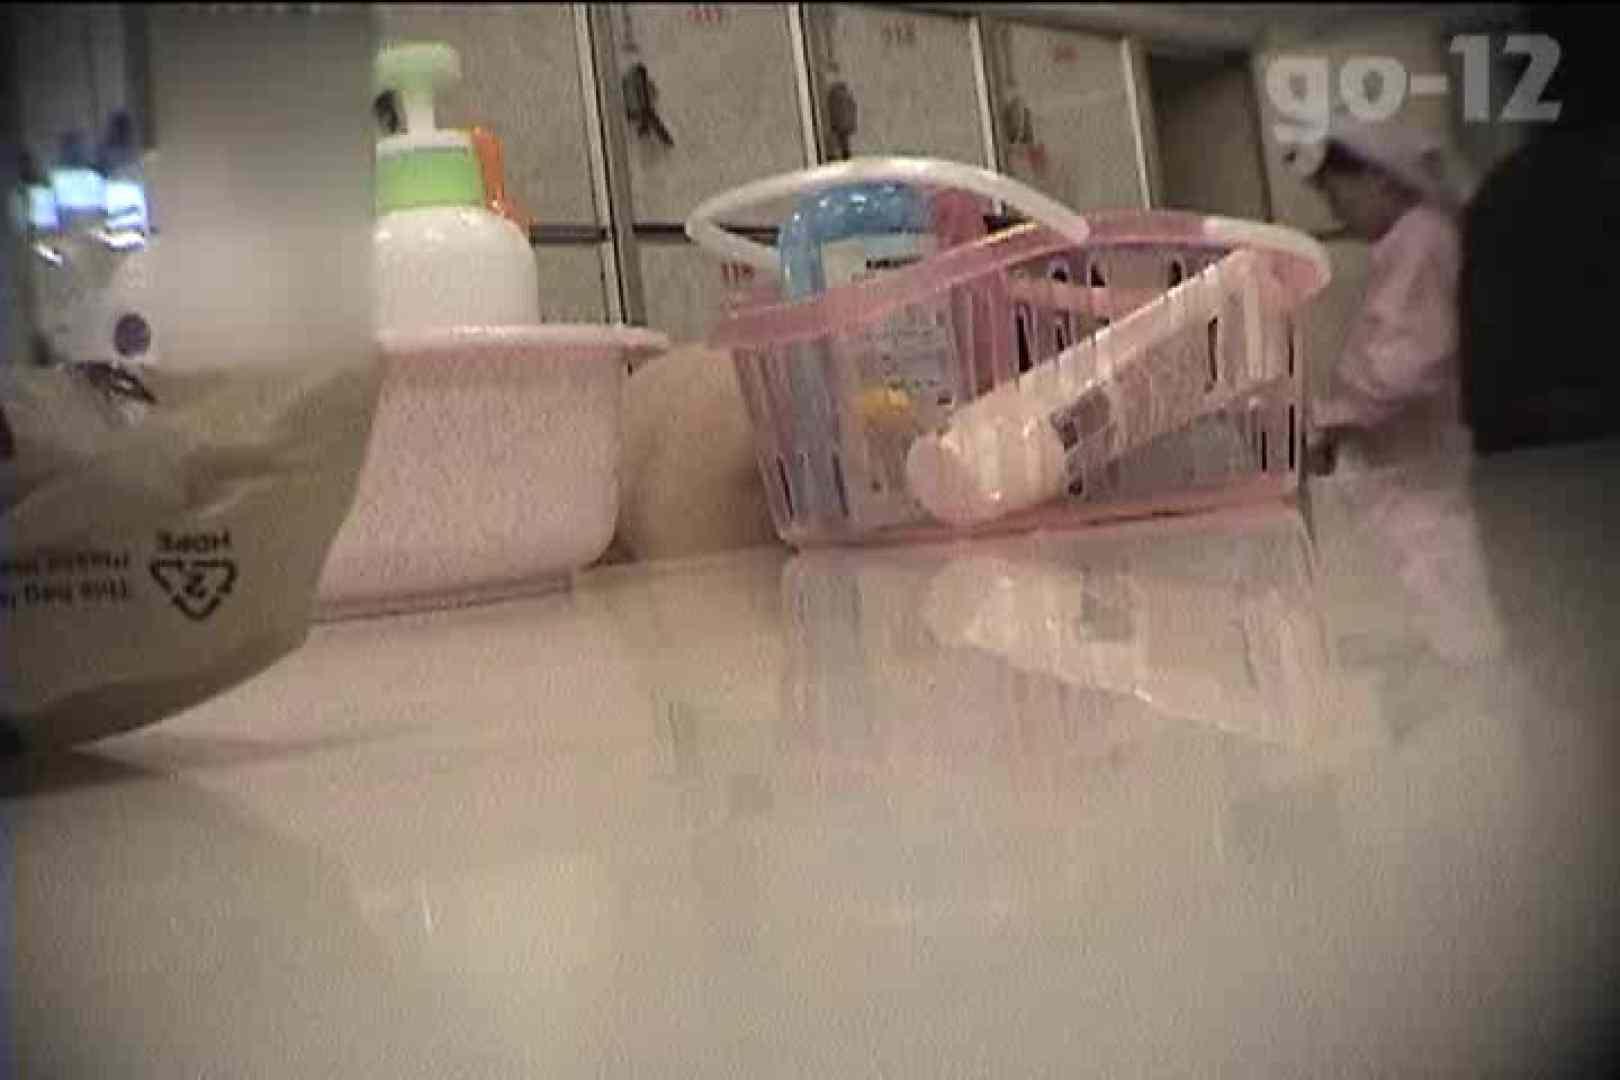 電波カメラ設置浴場からの防HAN映像 Vol.12 盛合せ 濡れ場動画紹介 95枚 75